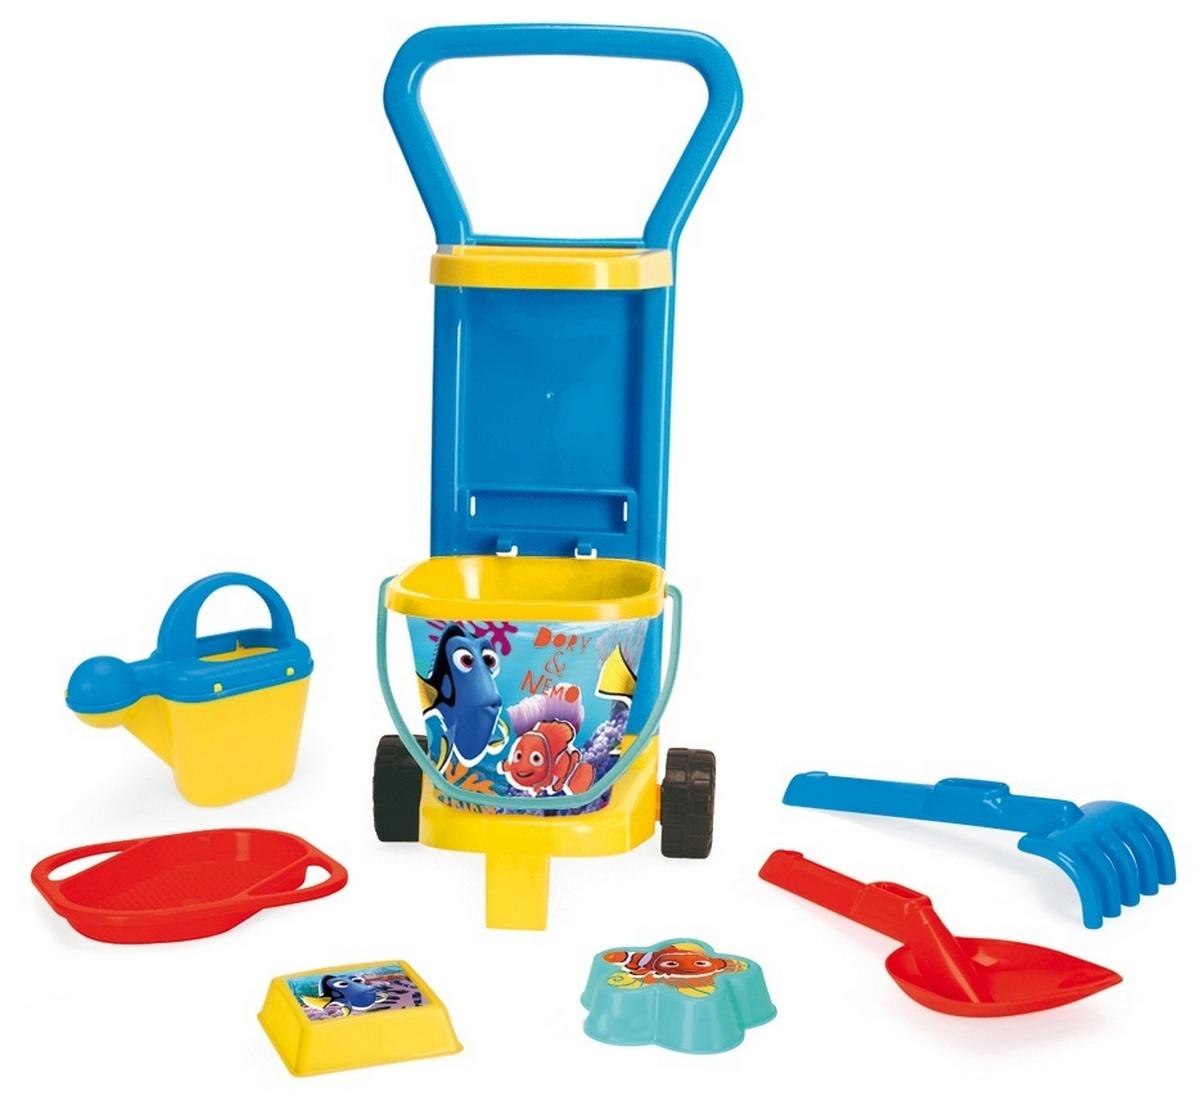 Детская тележка с набором для песка Дори Disney 78270